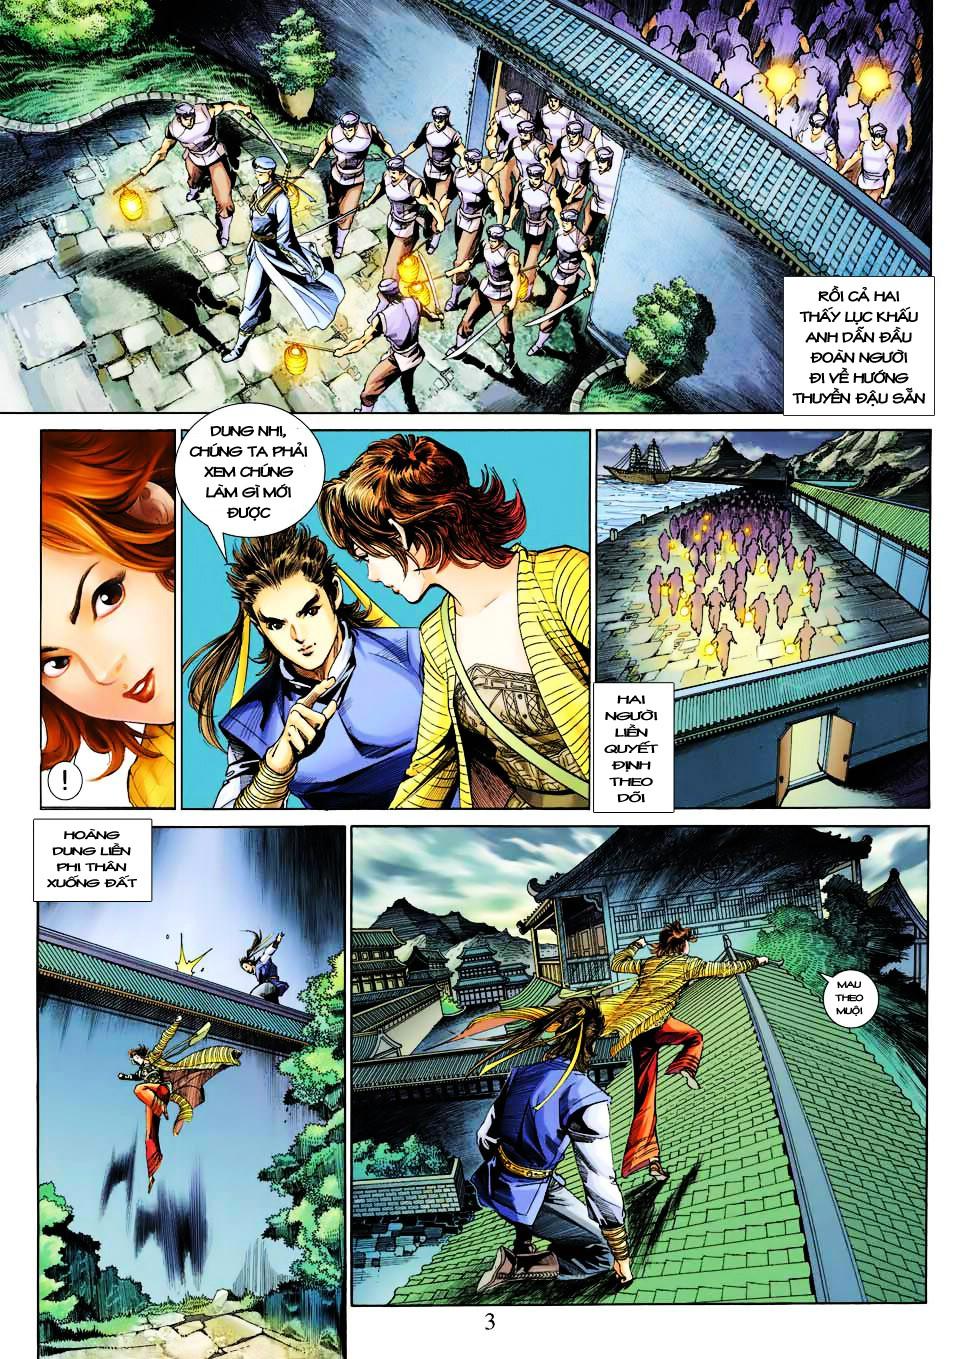 Anh Hùng Xạ Điêu anh hùng xạ đêu chap 27 trang 3